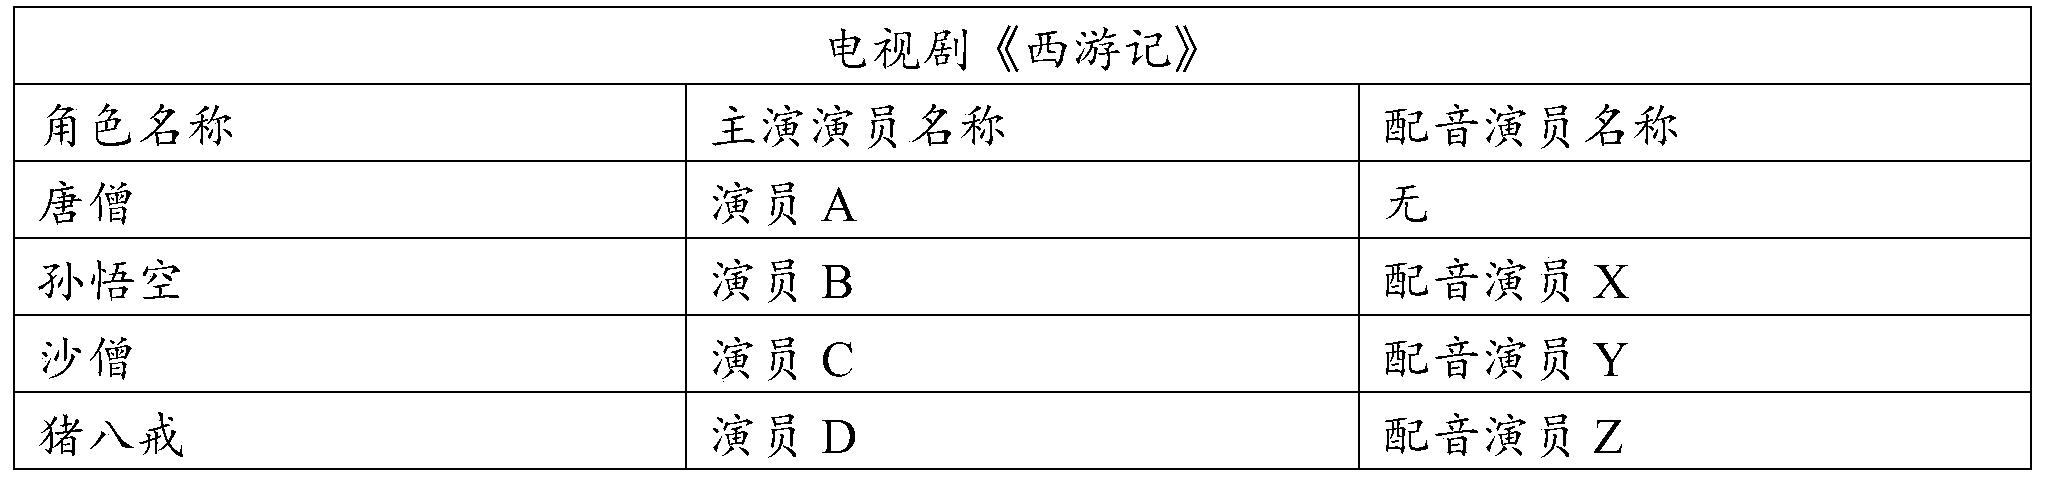 Figure PCTCN2019074205-appb-000001